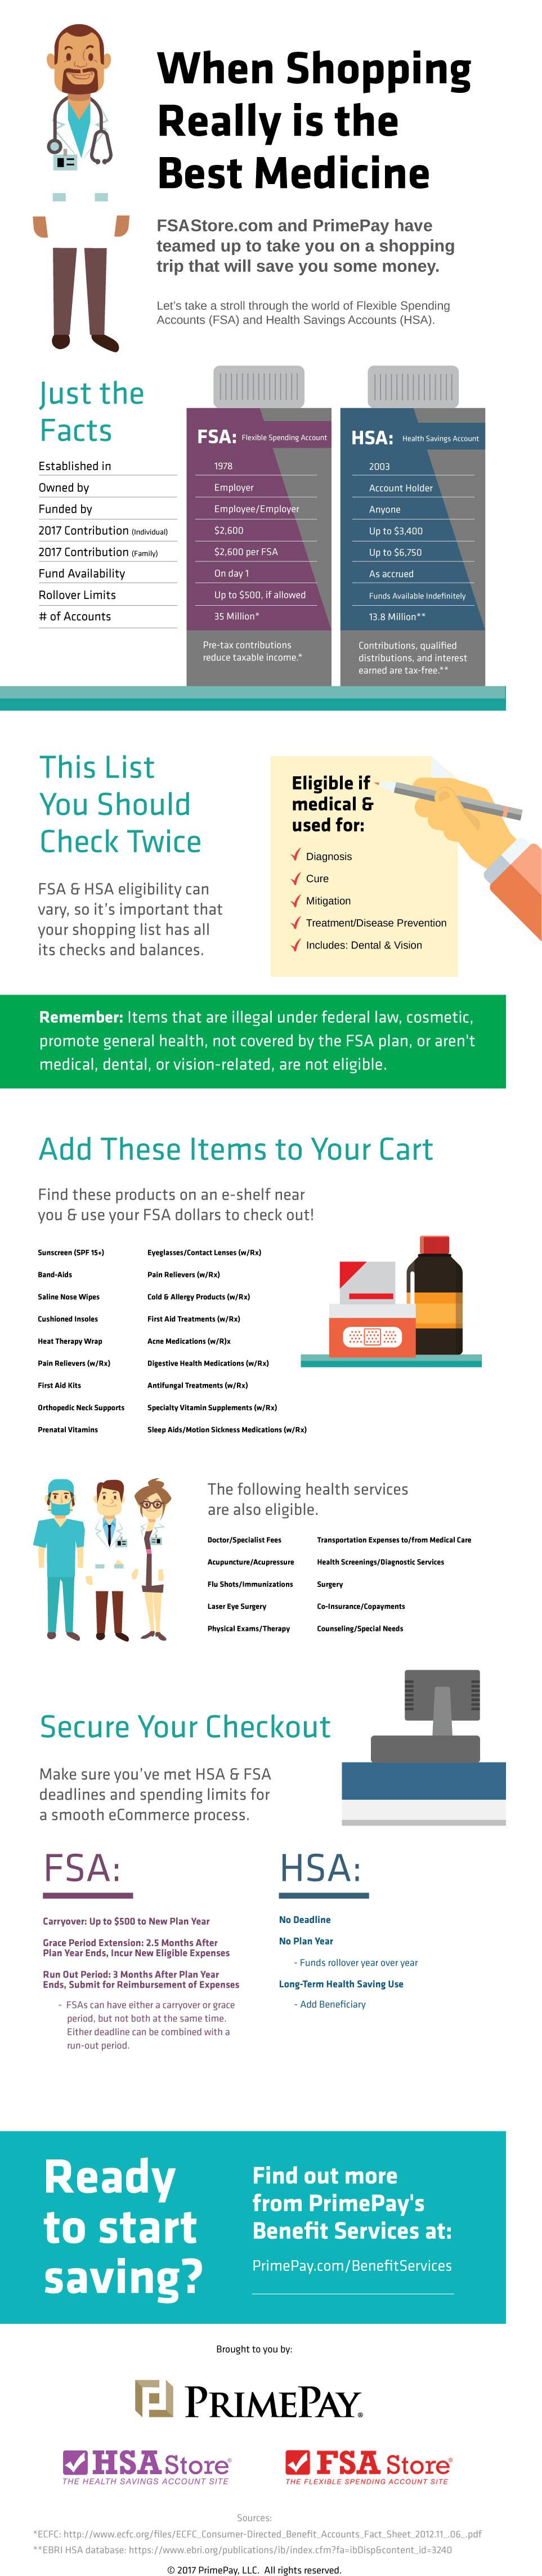 PrimePay-Infographic